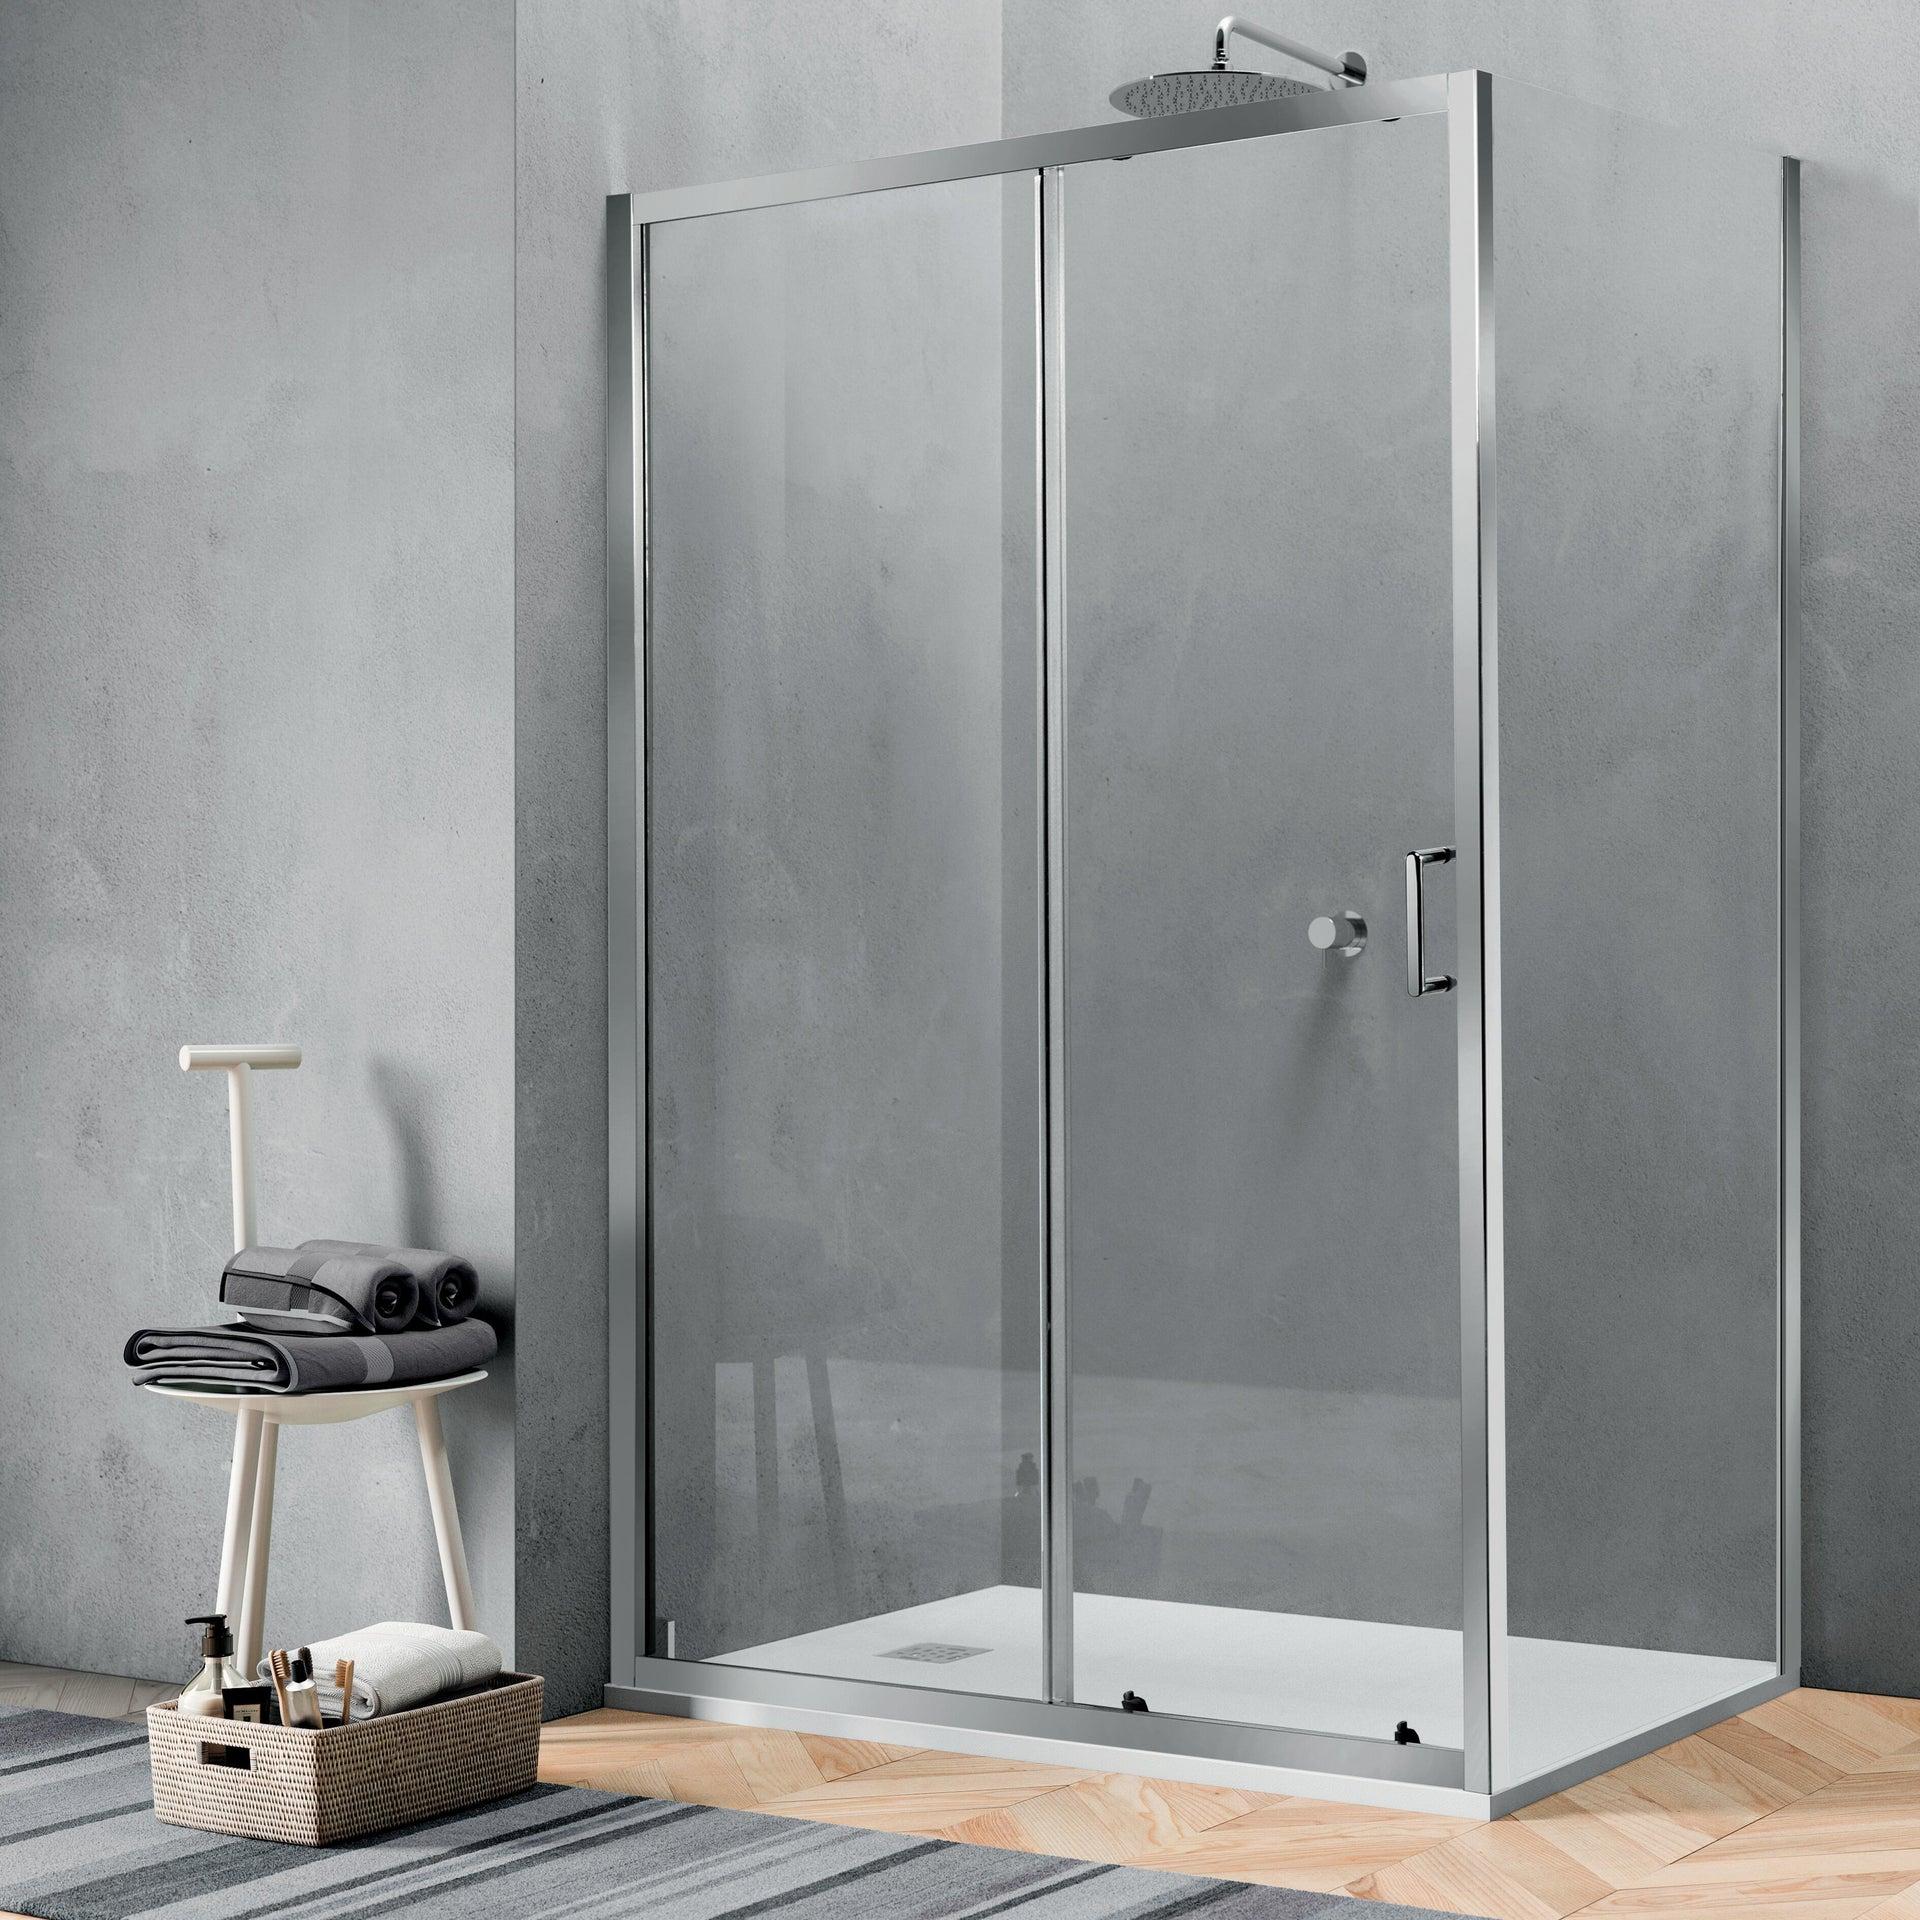 Porta doccia 1 anta fissa + 1 anta scorrevole ZESC 120 cm, H 190 cm in vetro temprato, spessore 6 mm trasparente cromato - 3